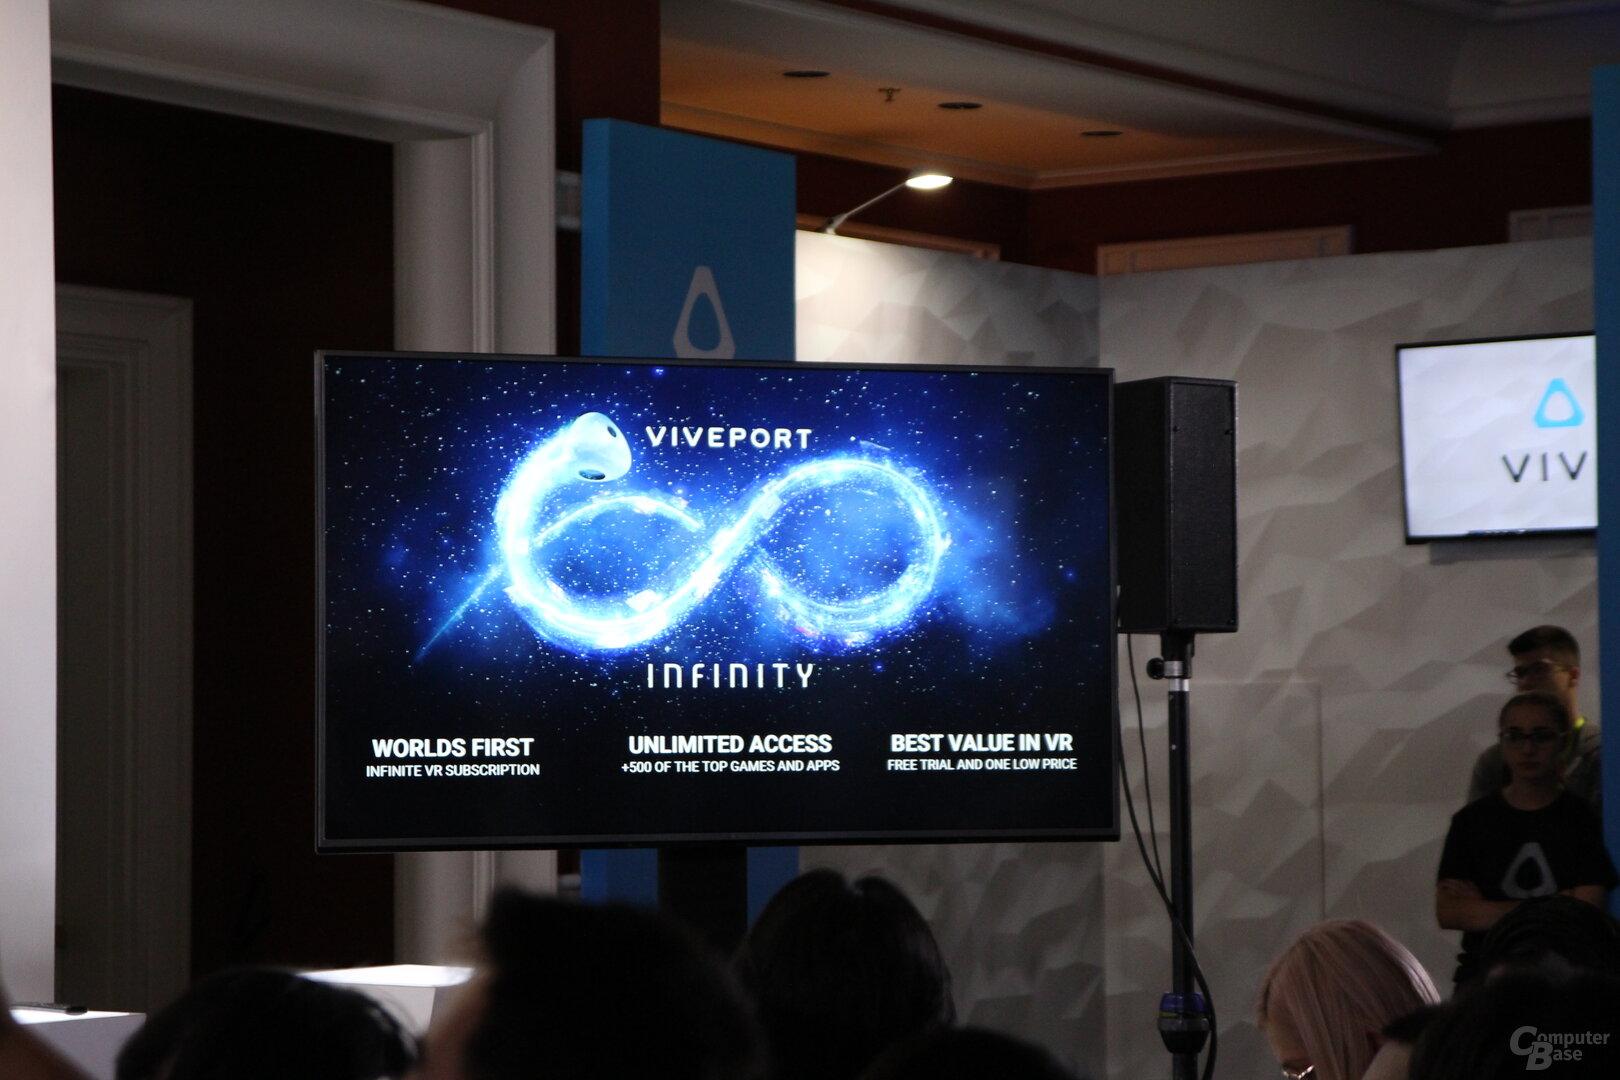 HTC Viveport Infintity